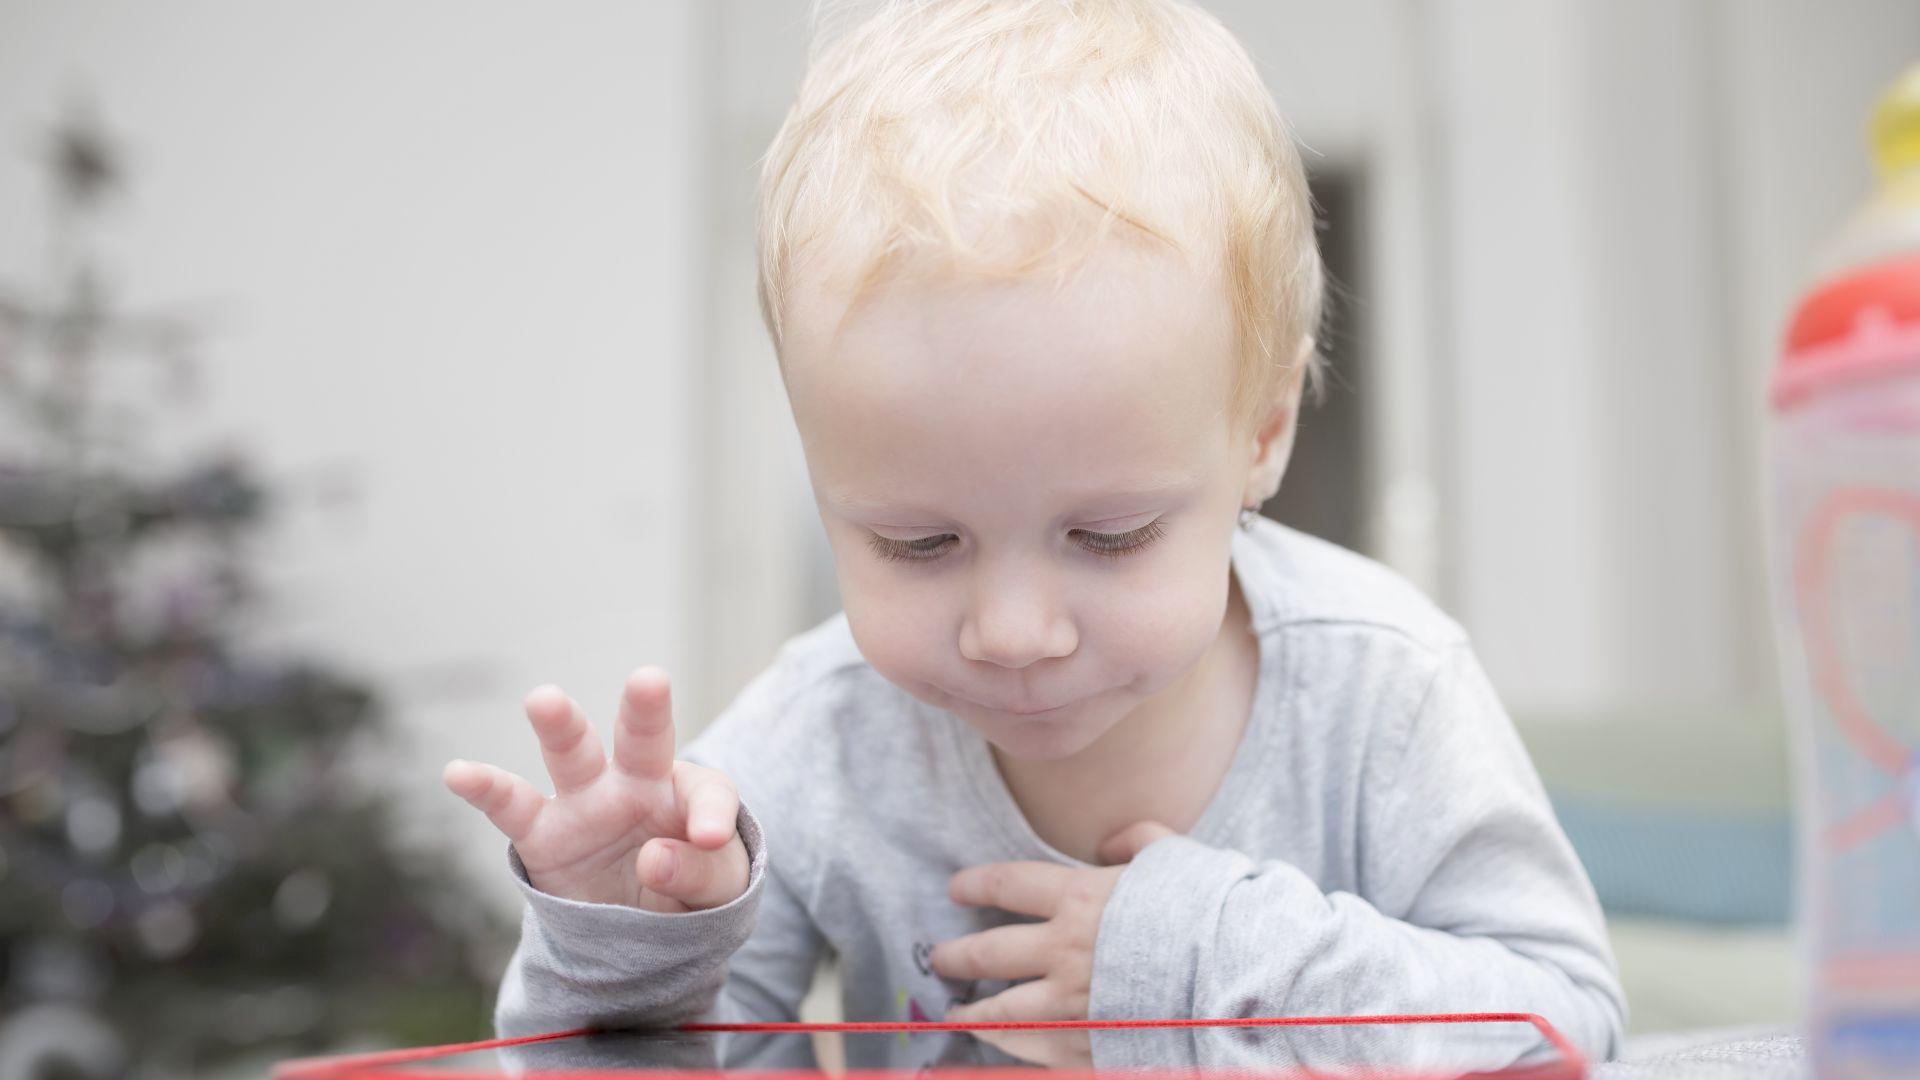 На децата на възраст между 2 и 4 години не